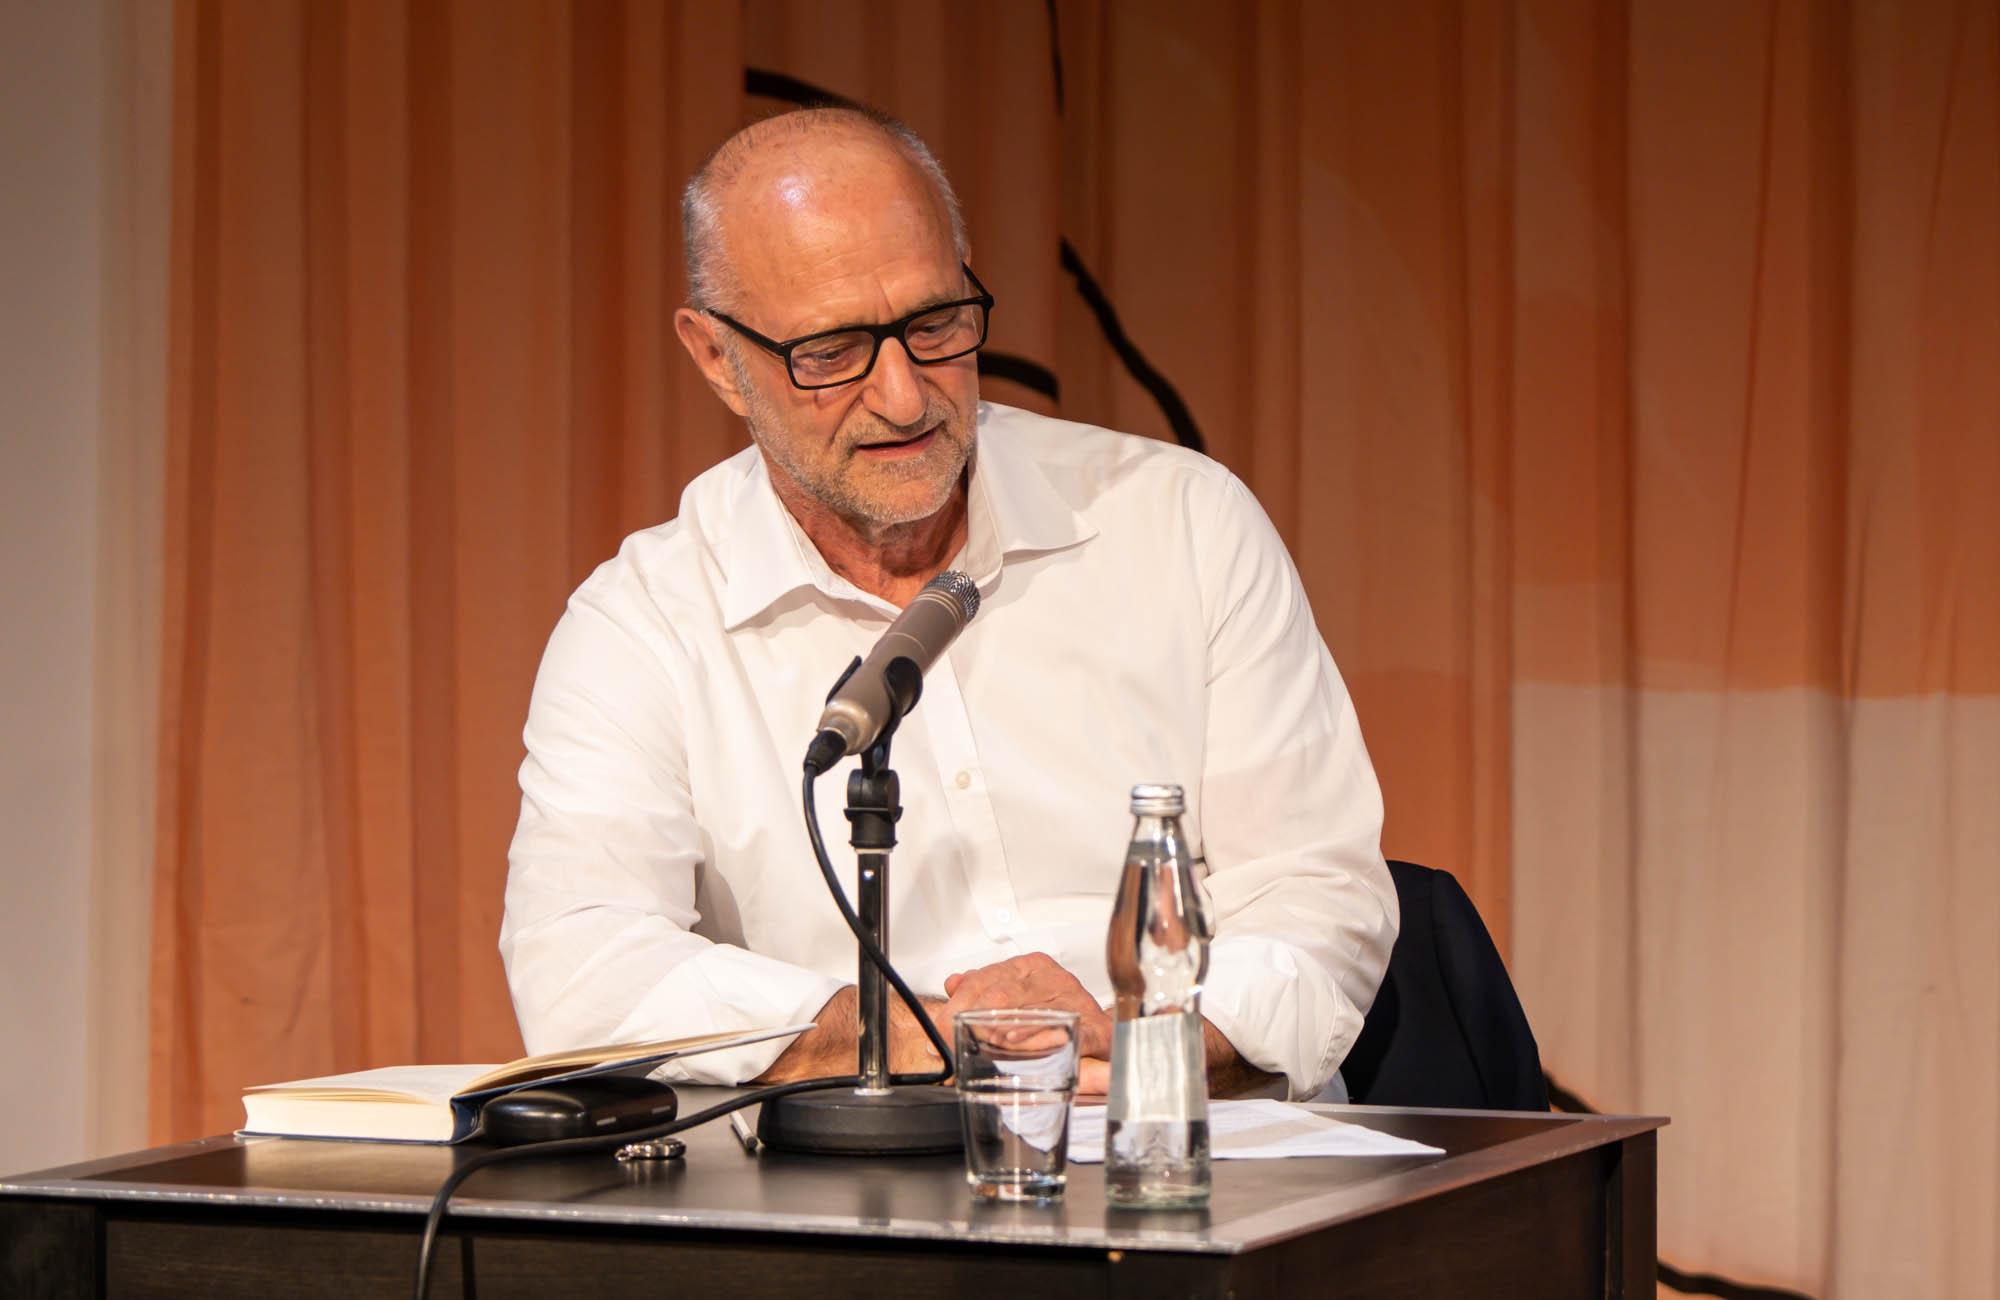 Ilija Trojanow: Doppelte Spur <br/>(c) Sebastian Wenzel